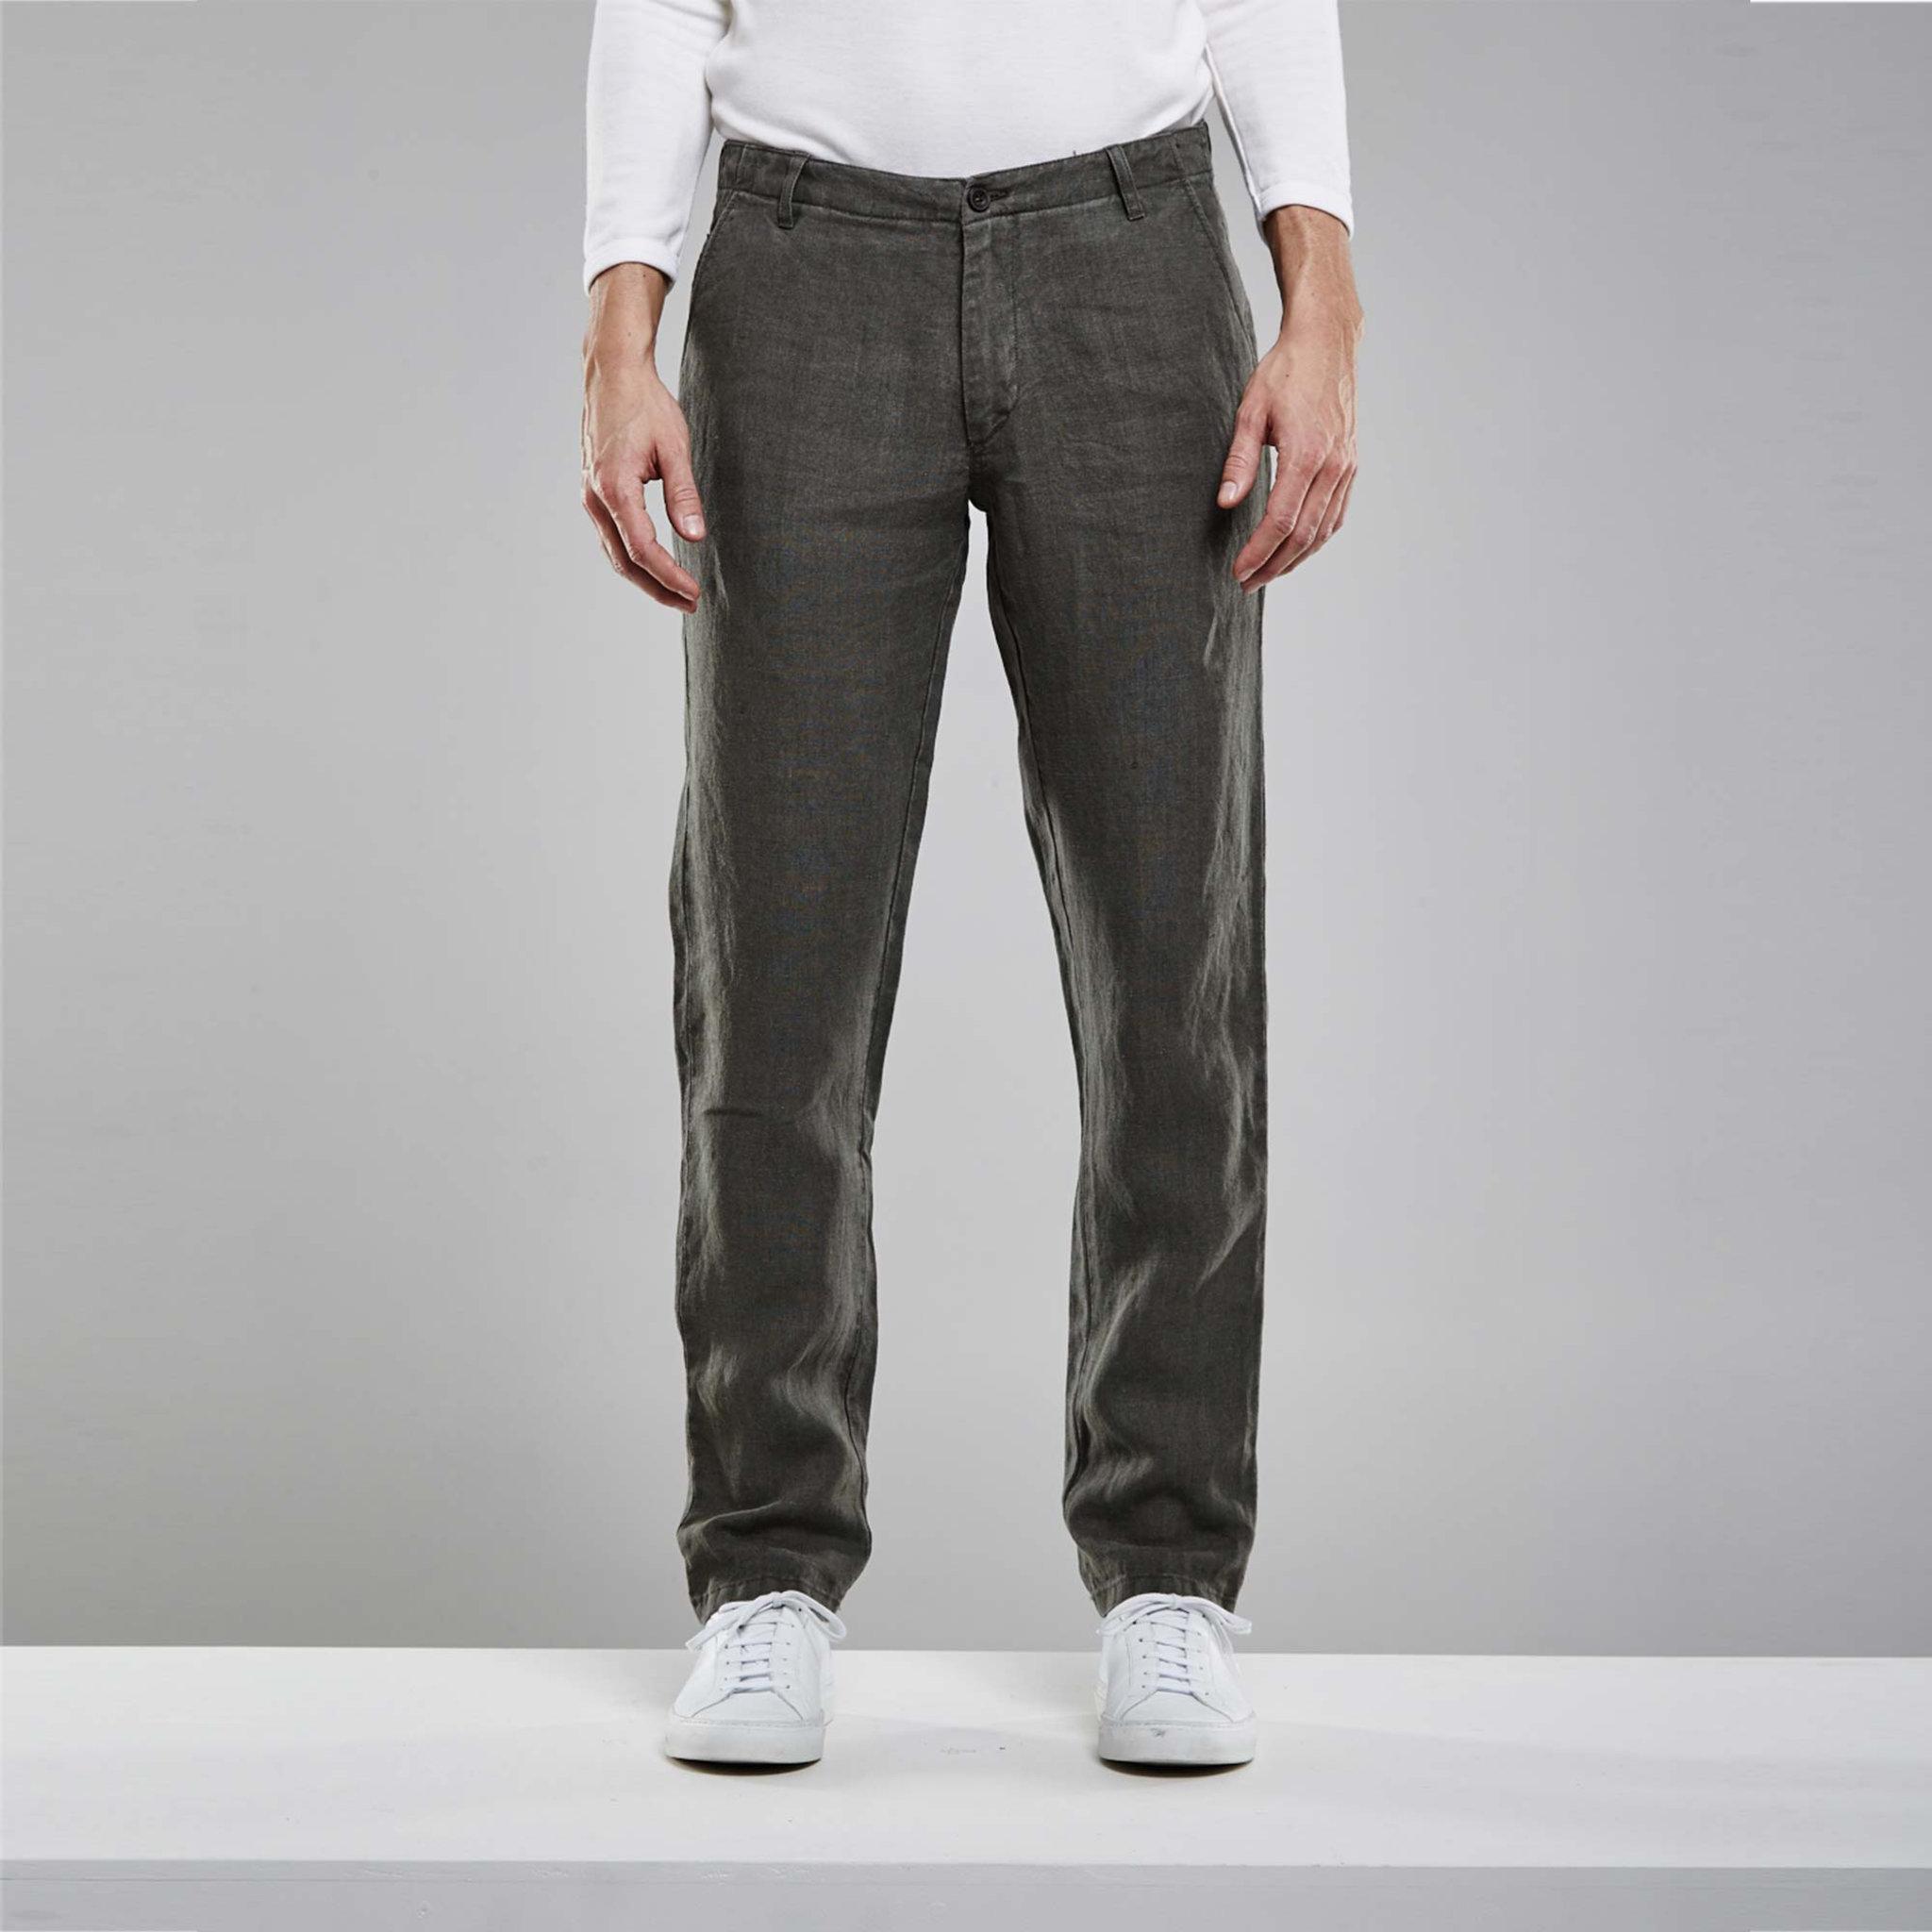 New Simon 1196 - Byxor   Jeans - Köp online på åhlens.se! 3dc0d493895f7